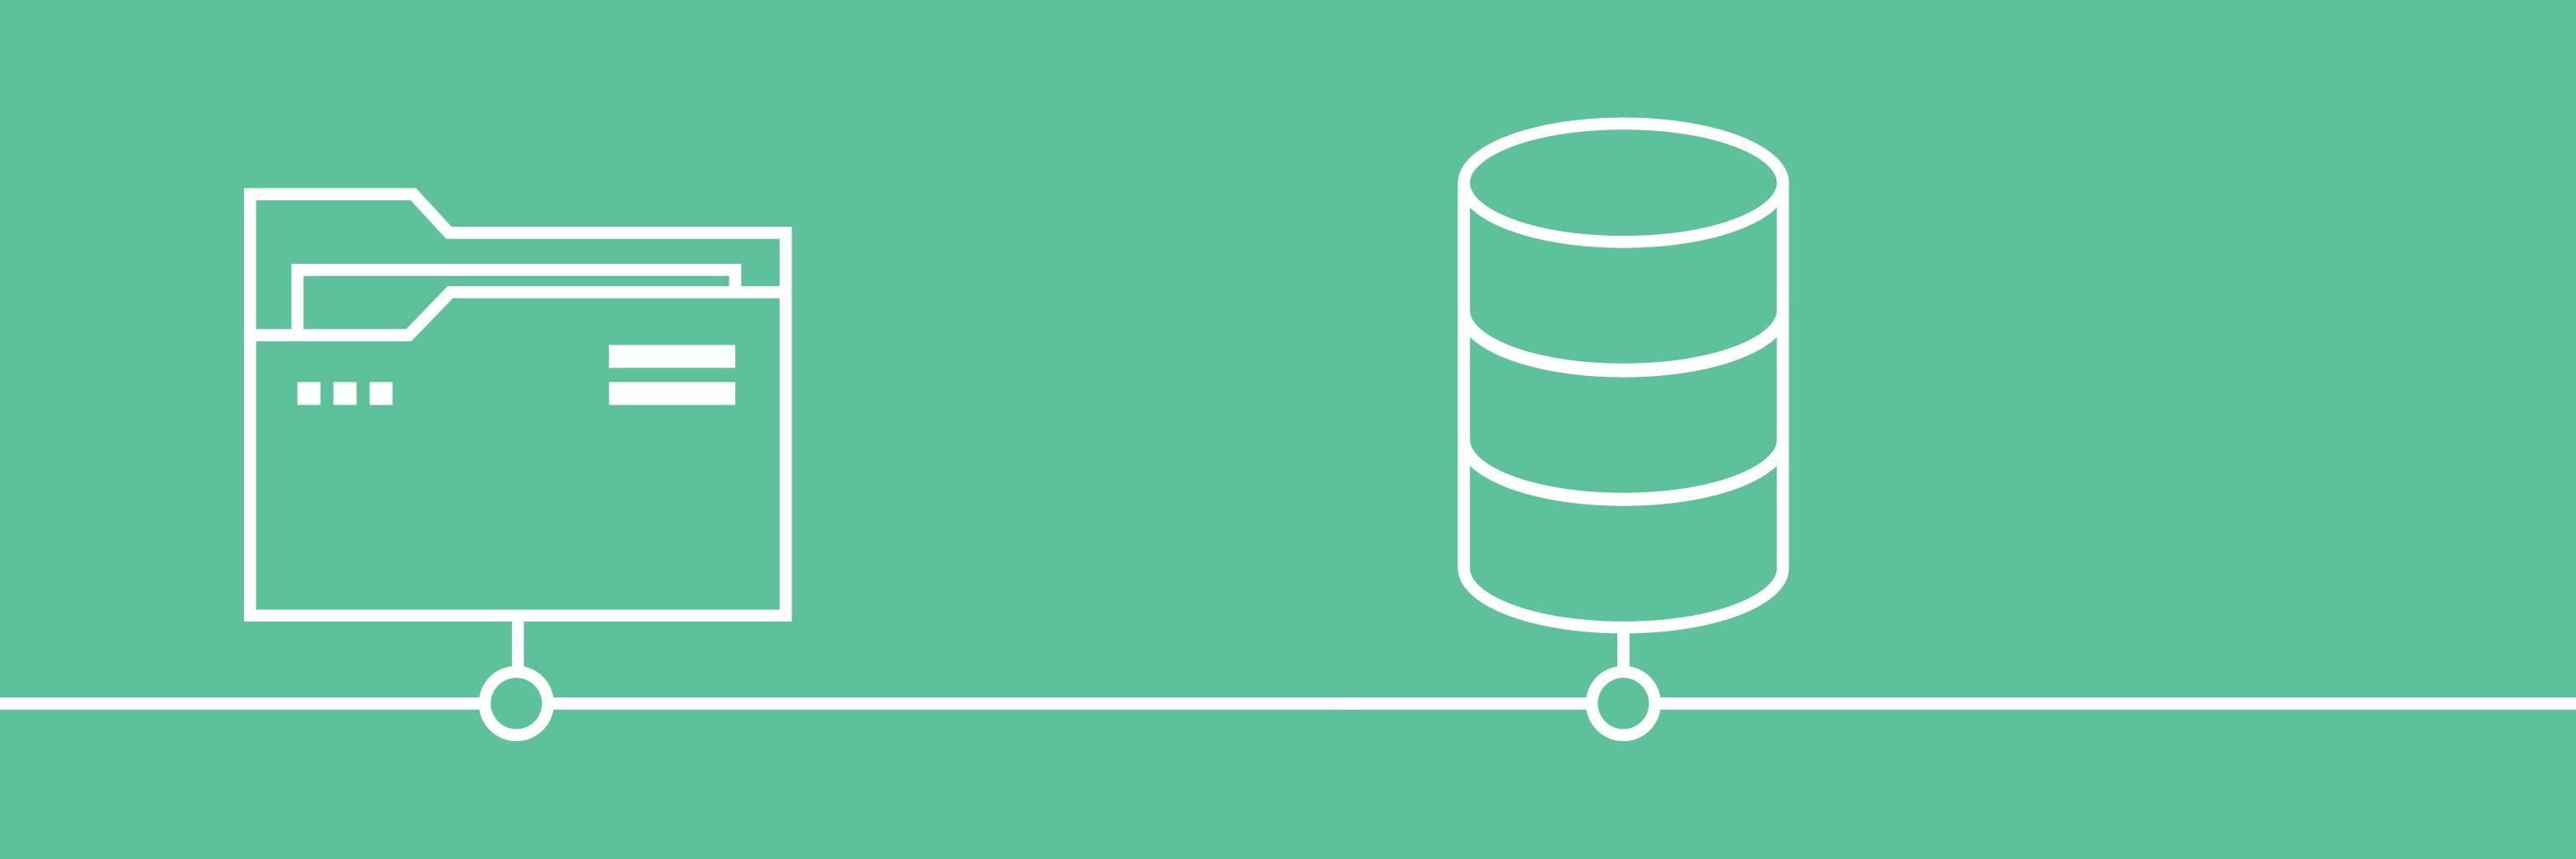 Was ist SQL und wo kann es verwendet werden?